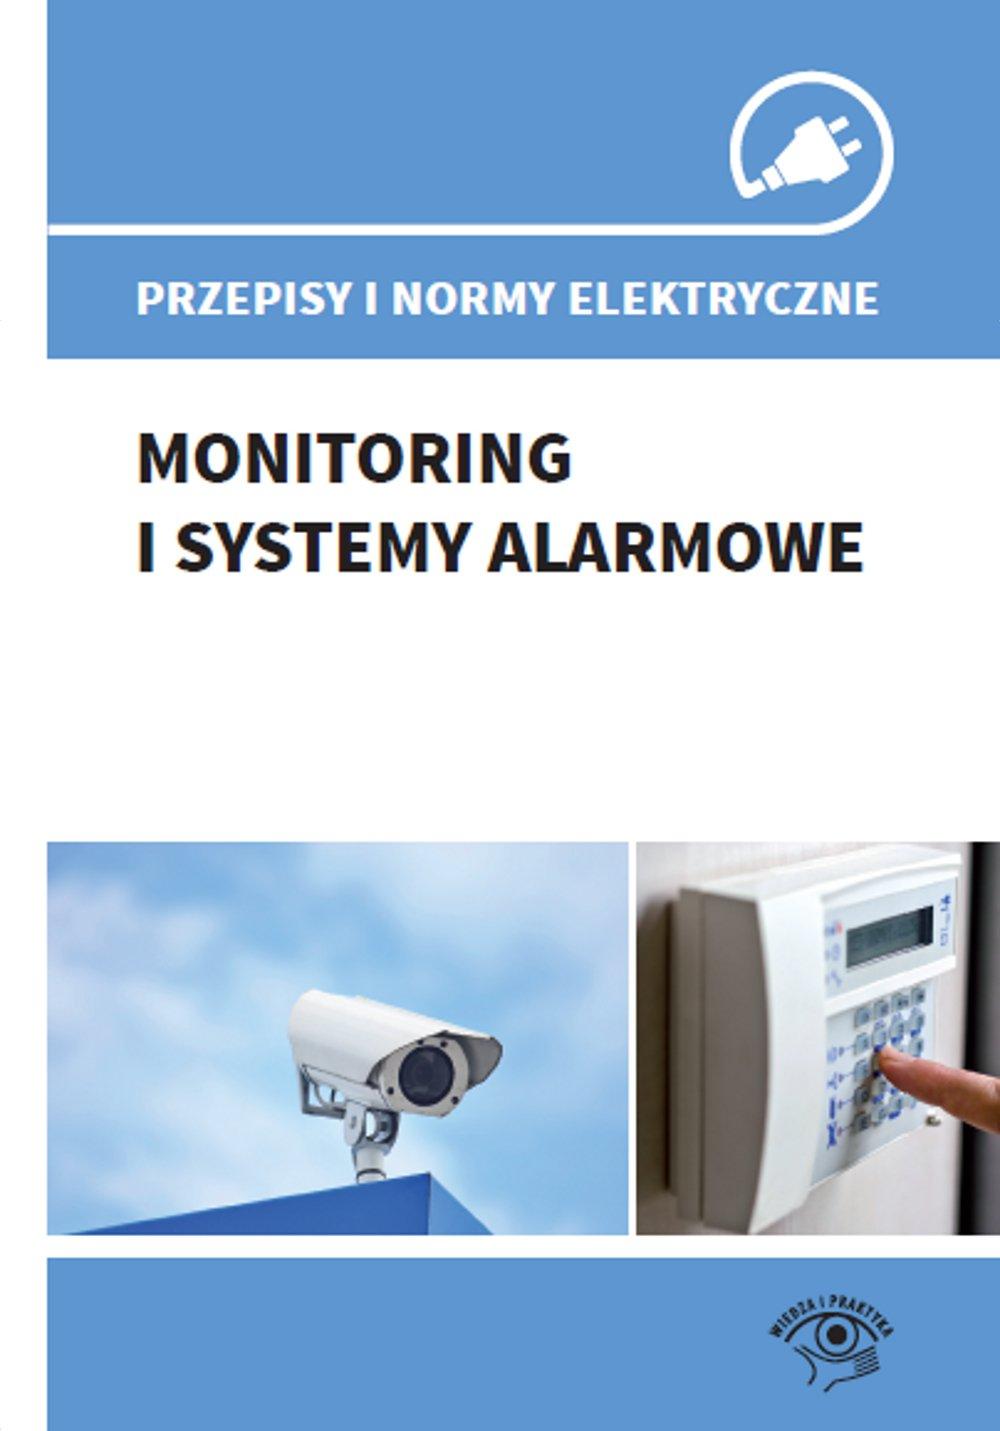 Przepisy i normy elektryczne - monitoring i systemy alarmowe - Ebook (Książka PDF) do pobrania w formacie PDF